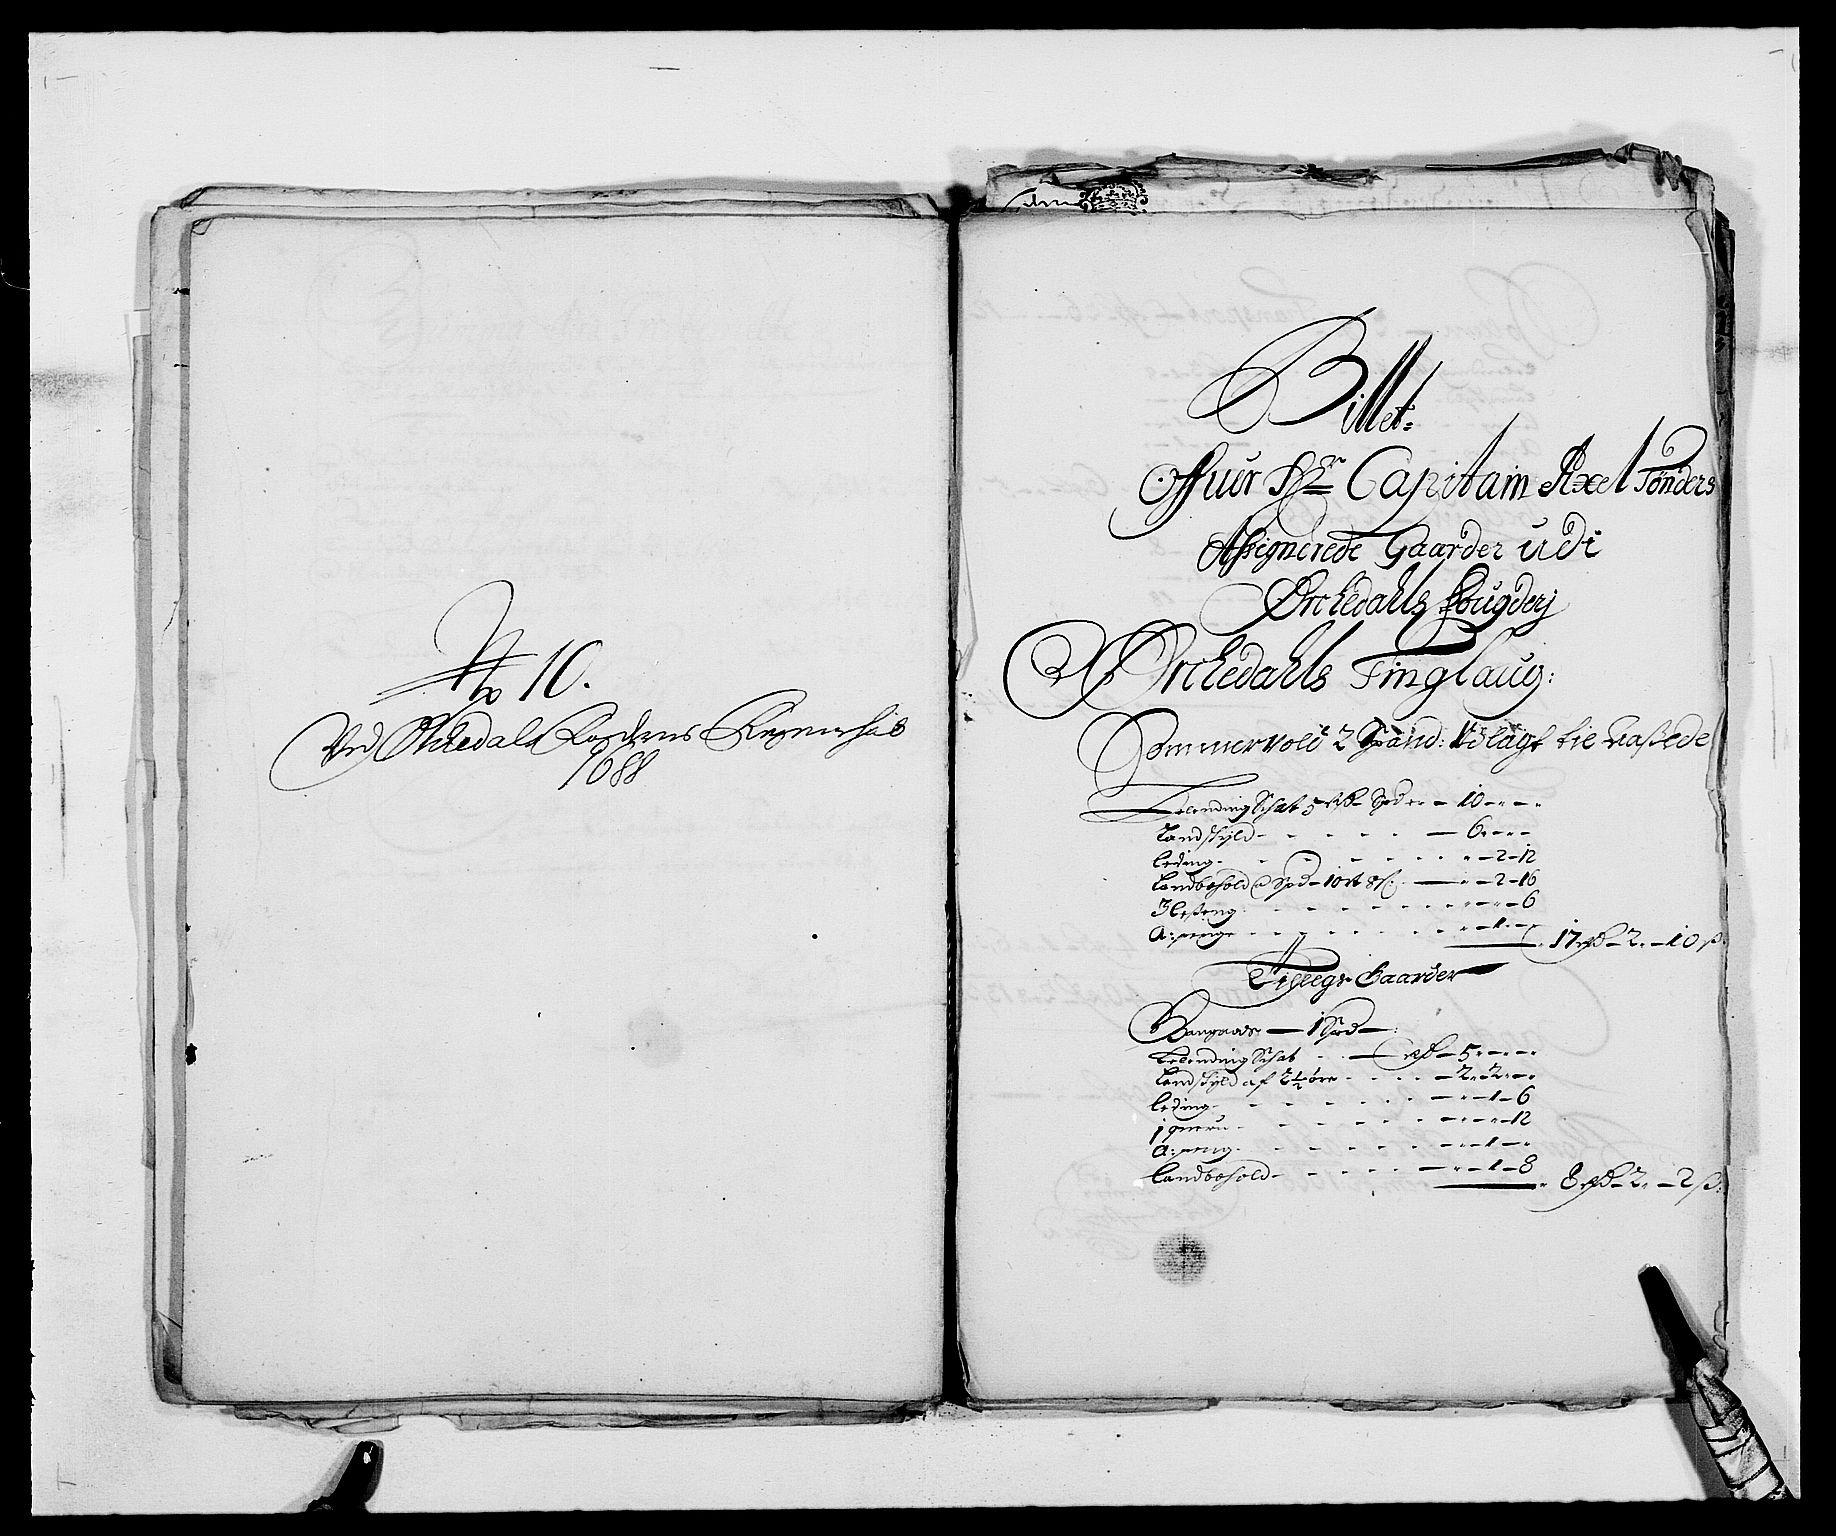 RA, Rentekammeret inntil 1814, Reviderte regnskaper, Fogderegnskap, R58/L3935: Fogderegnskap Orkdal, 1687-1688, s. 382